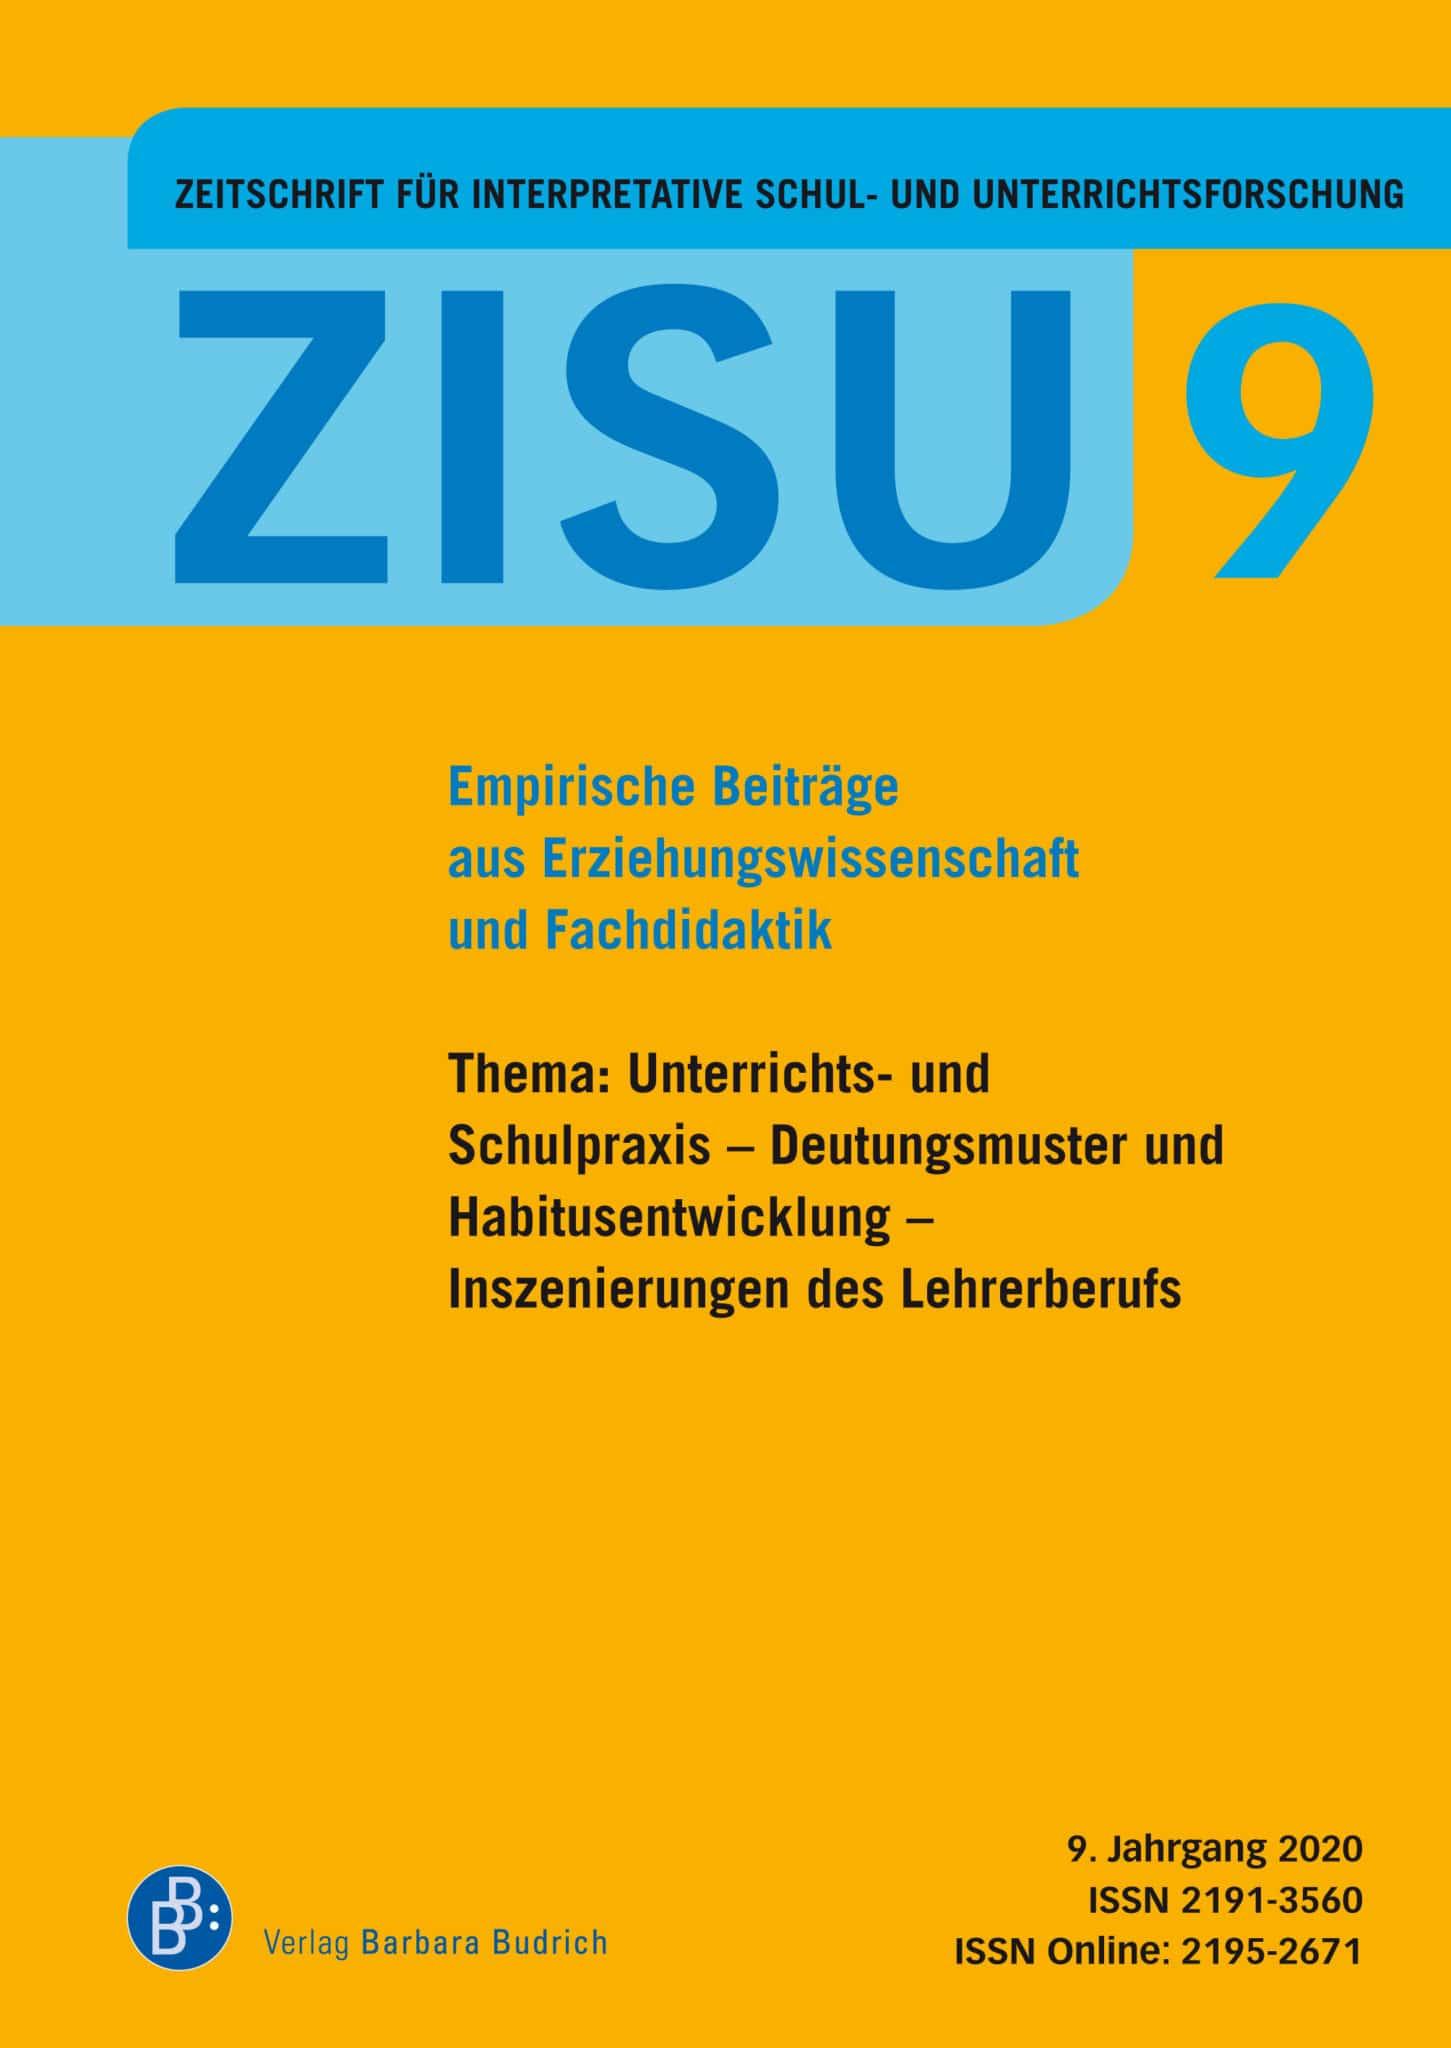 ZISU – Zeitschrift für interpretative Schul- und Unterrichtsforschung 9 (2020): Unterrichts- und Schulpraxis – Deutungsmuster und Habitusentwicklung – Inszenierungen des Lehrerberufs